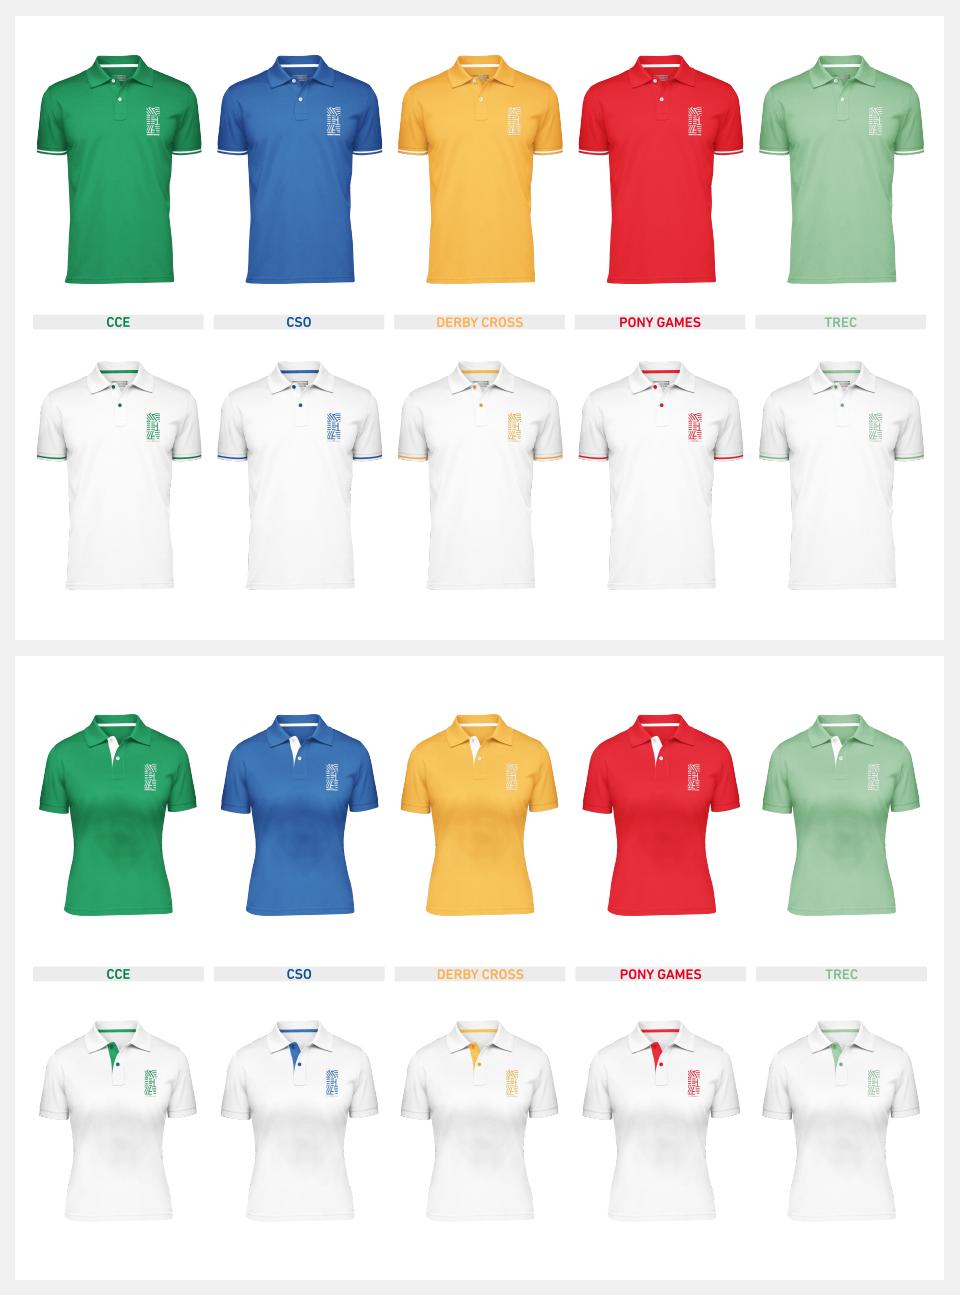 Pierre Besombes - Ligne de t-shirts dédiés à la compétition